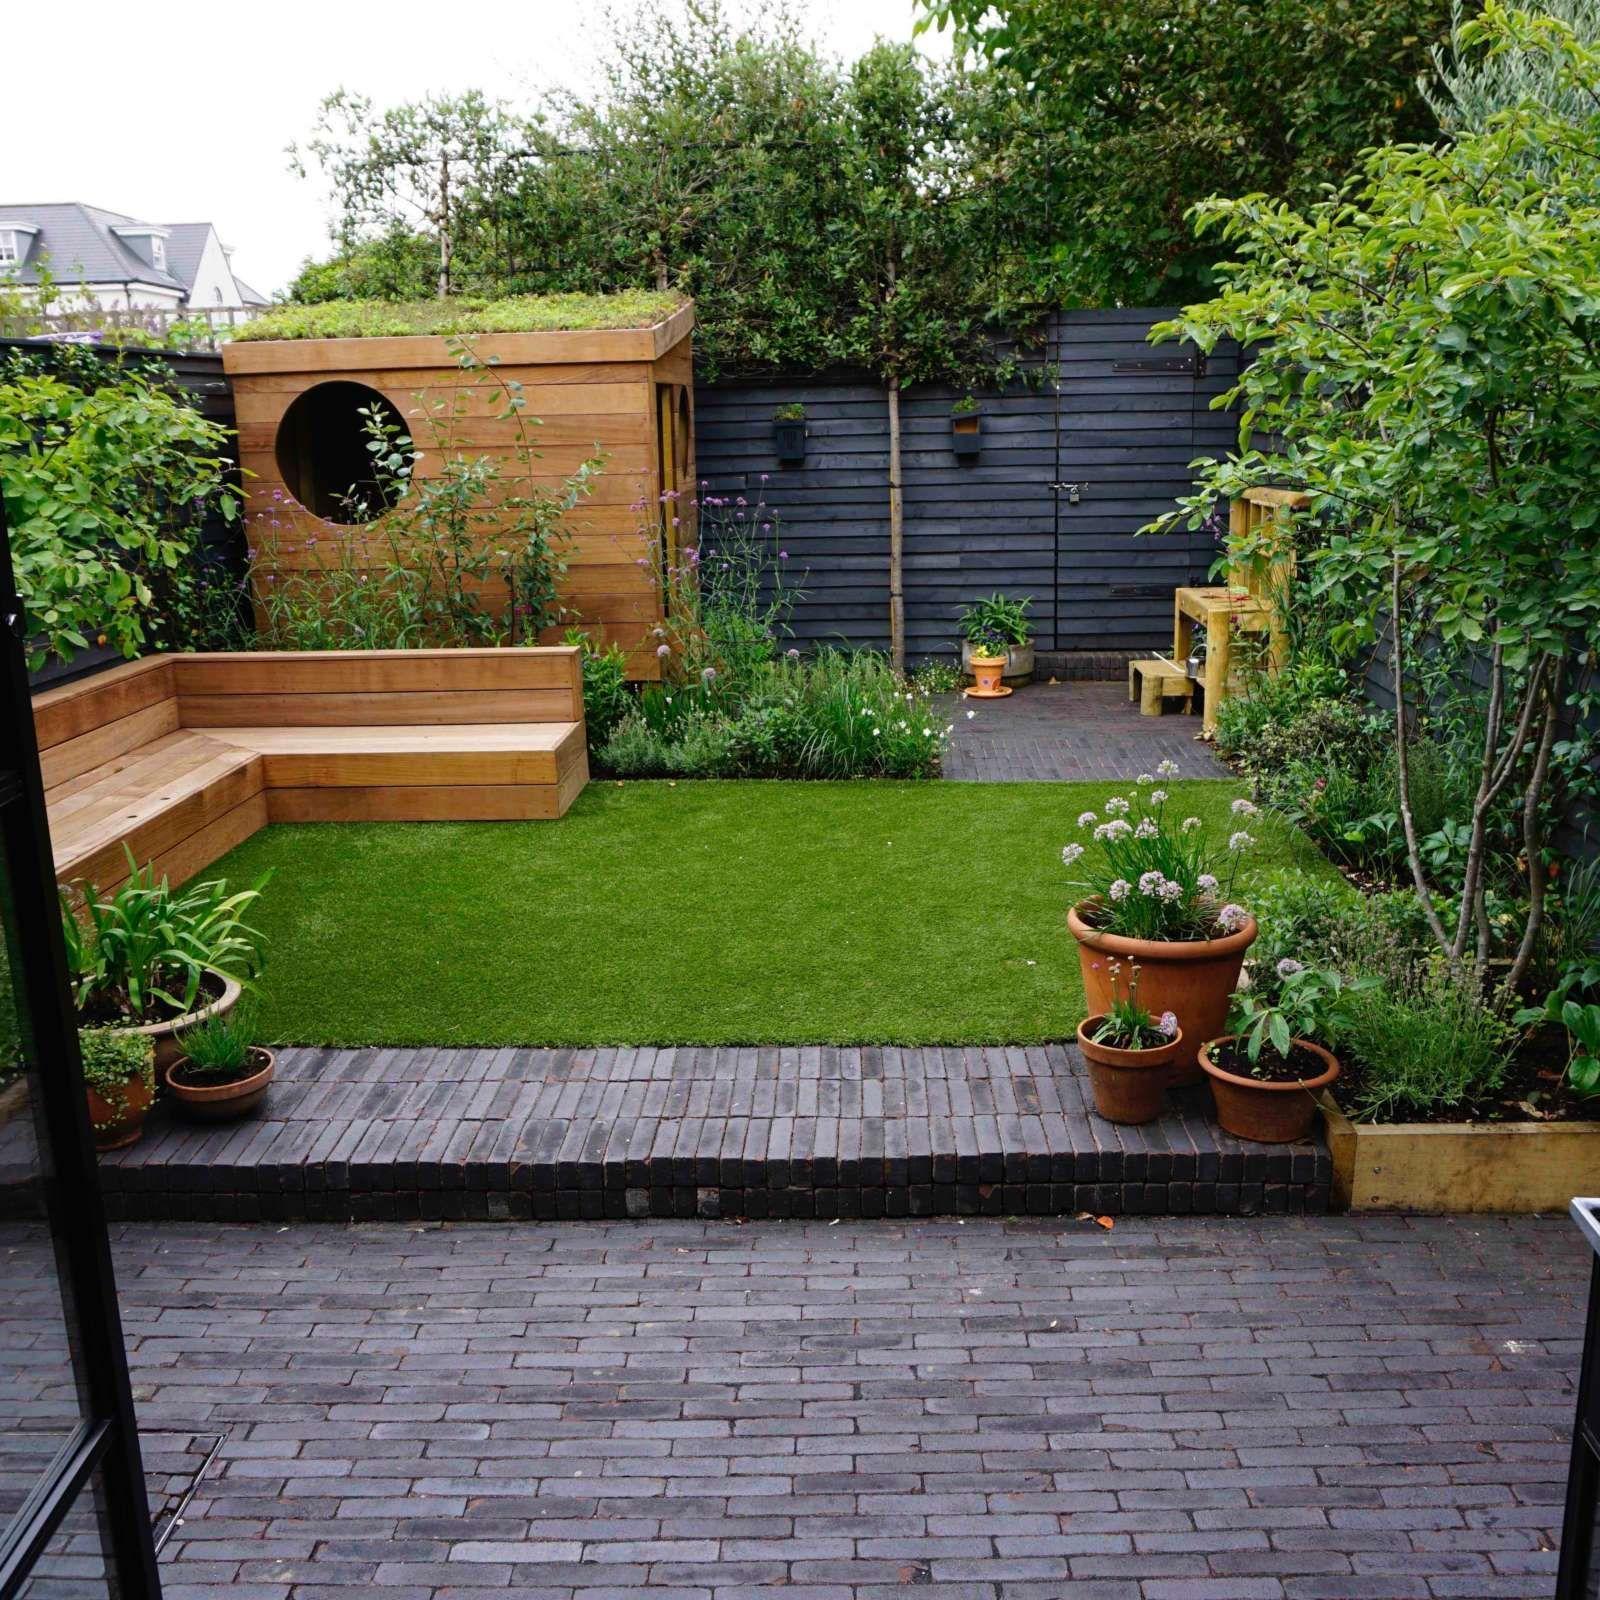 Smallgarden Teddington Terraza Jardin Club De Londres Small Garden Landscape Garden Design Layout Small Courtyard Gardens